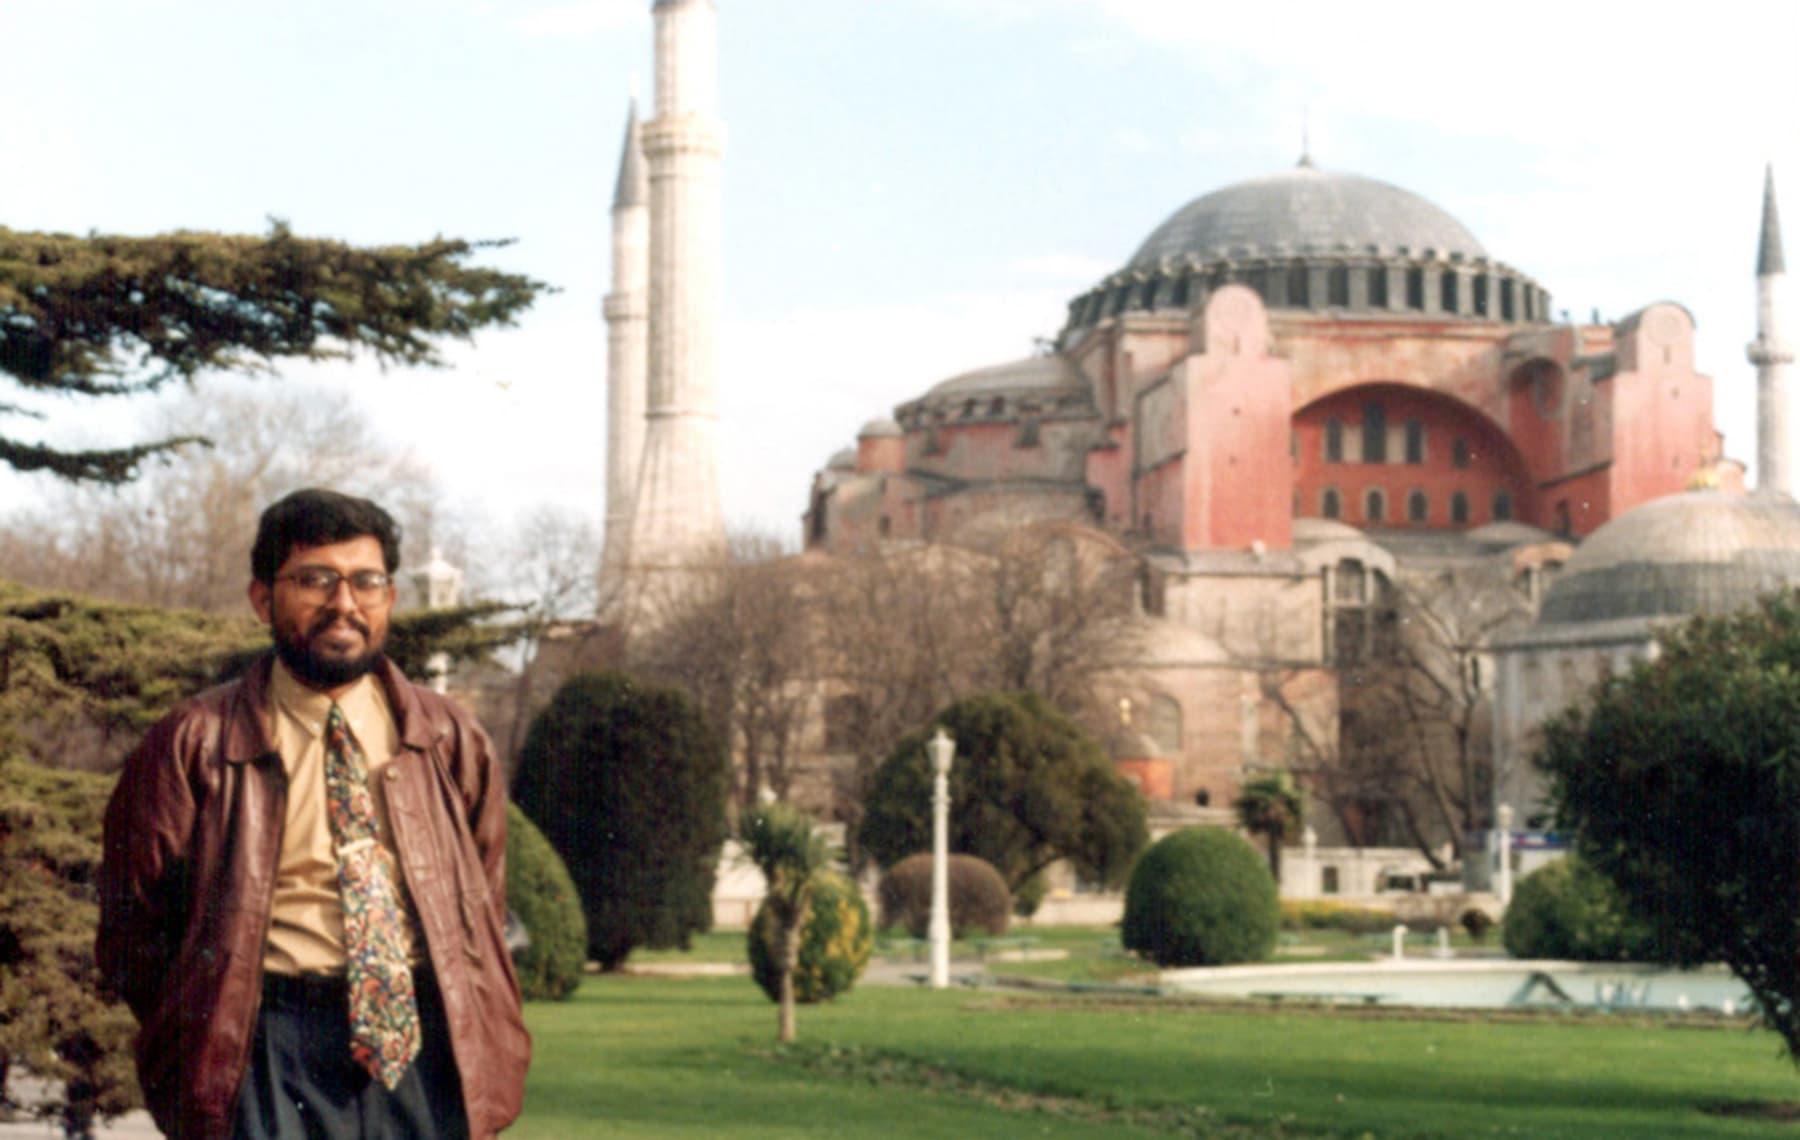 1995ء میں ترکی کا سفر—تصویر عبیداللہ کیہر